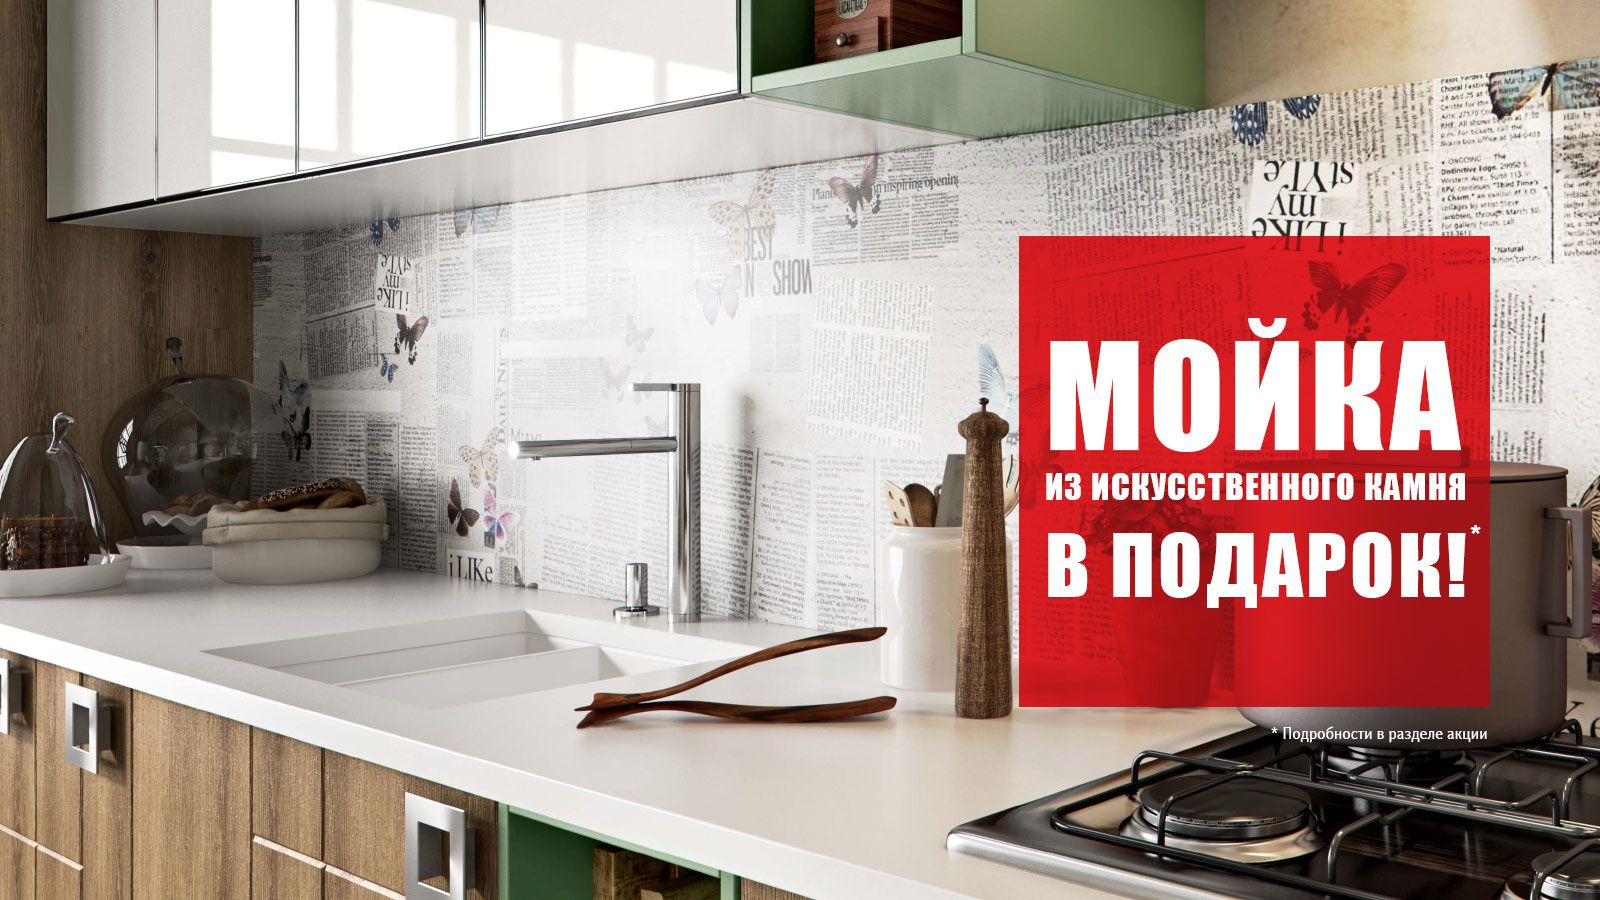 Столешница для кухонь таганрог заказ стола на кухню из искуственного камня Новослободская